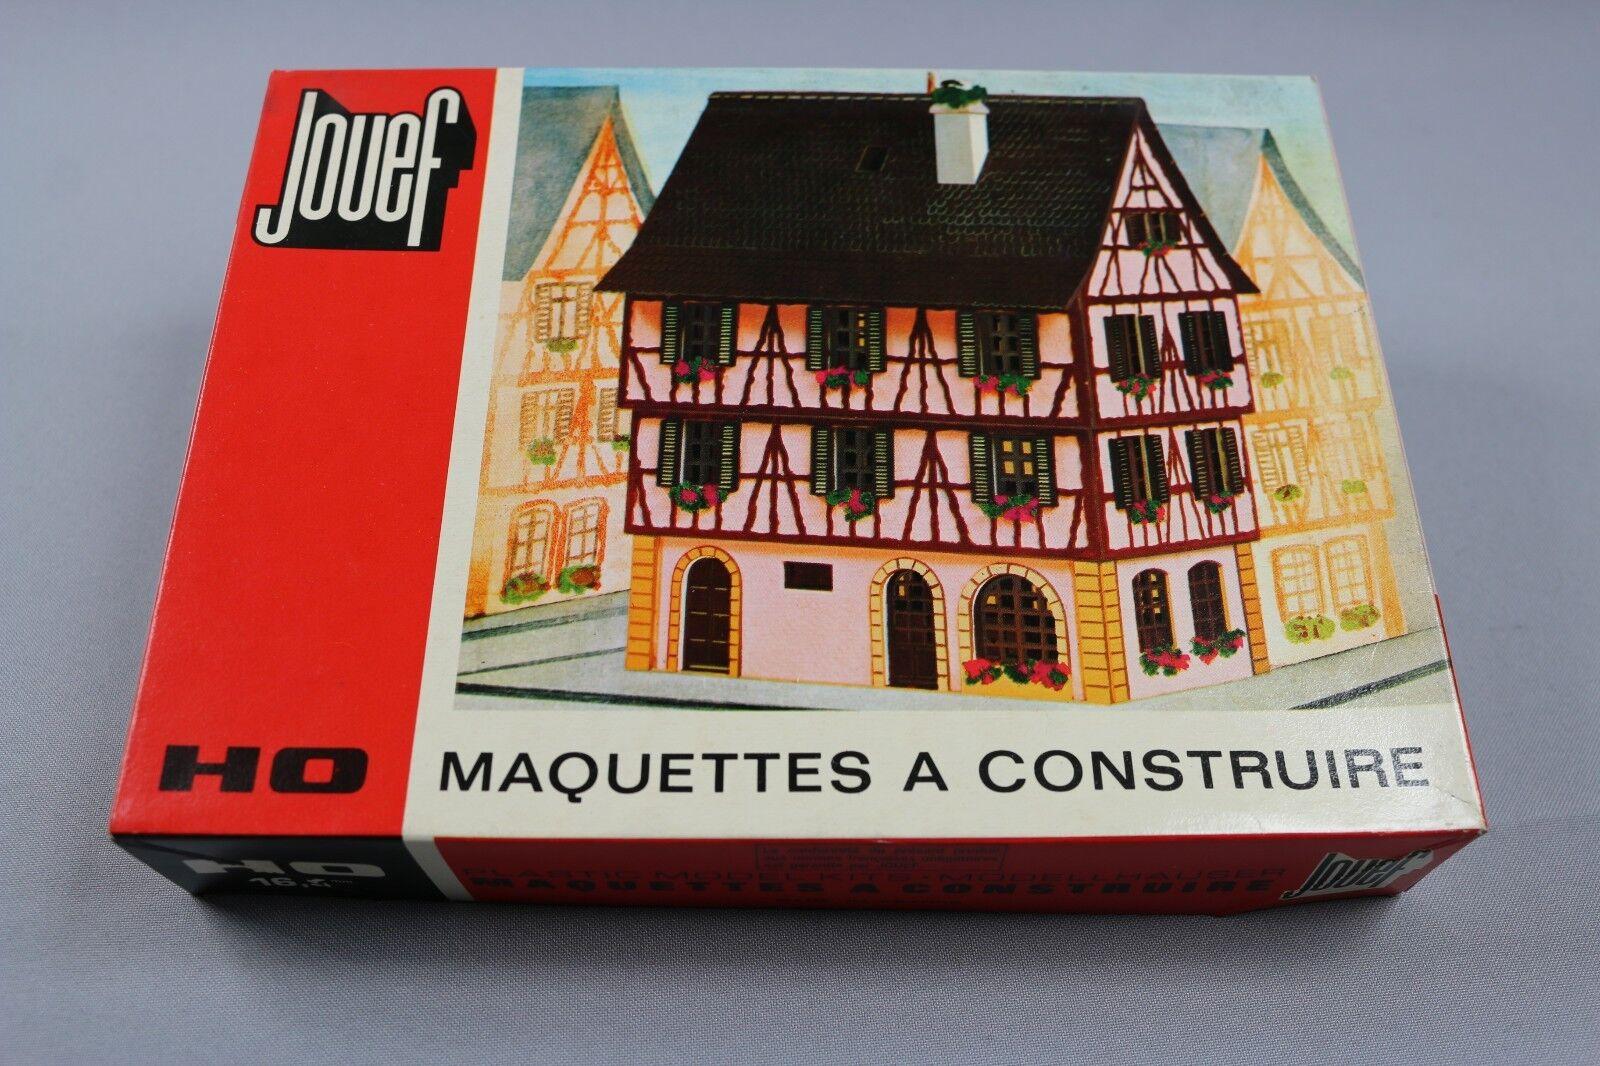 Z197 Jouef 1994 maquette train Ho 1:87 maison alsacienne colomBorsae decor diorama